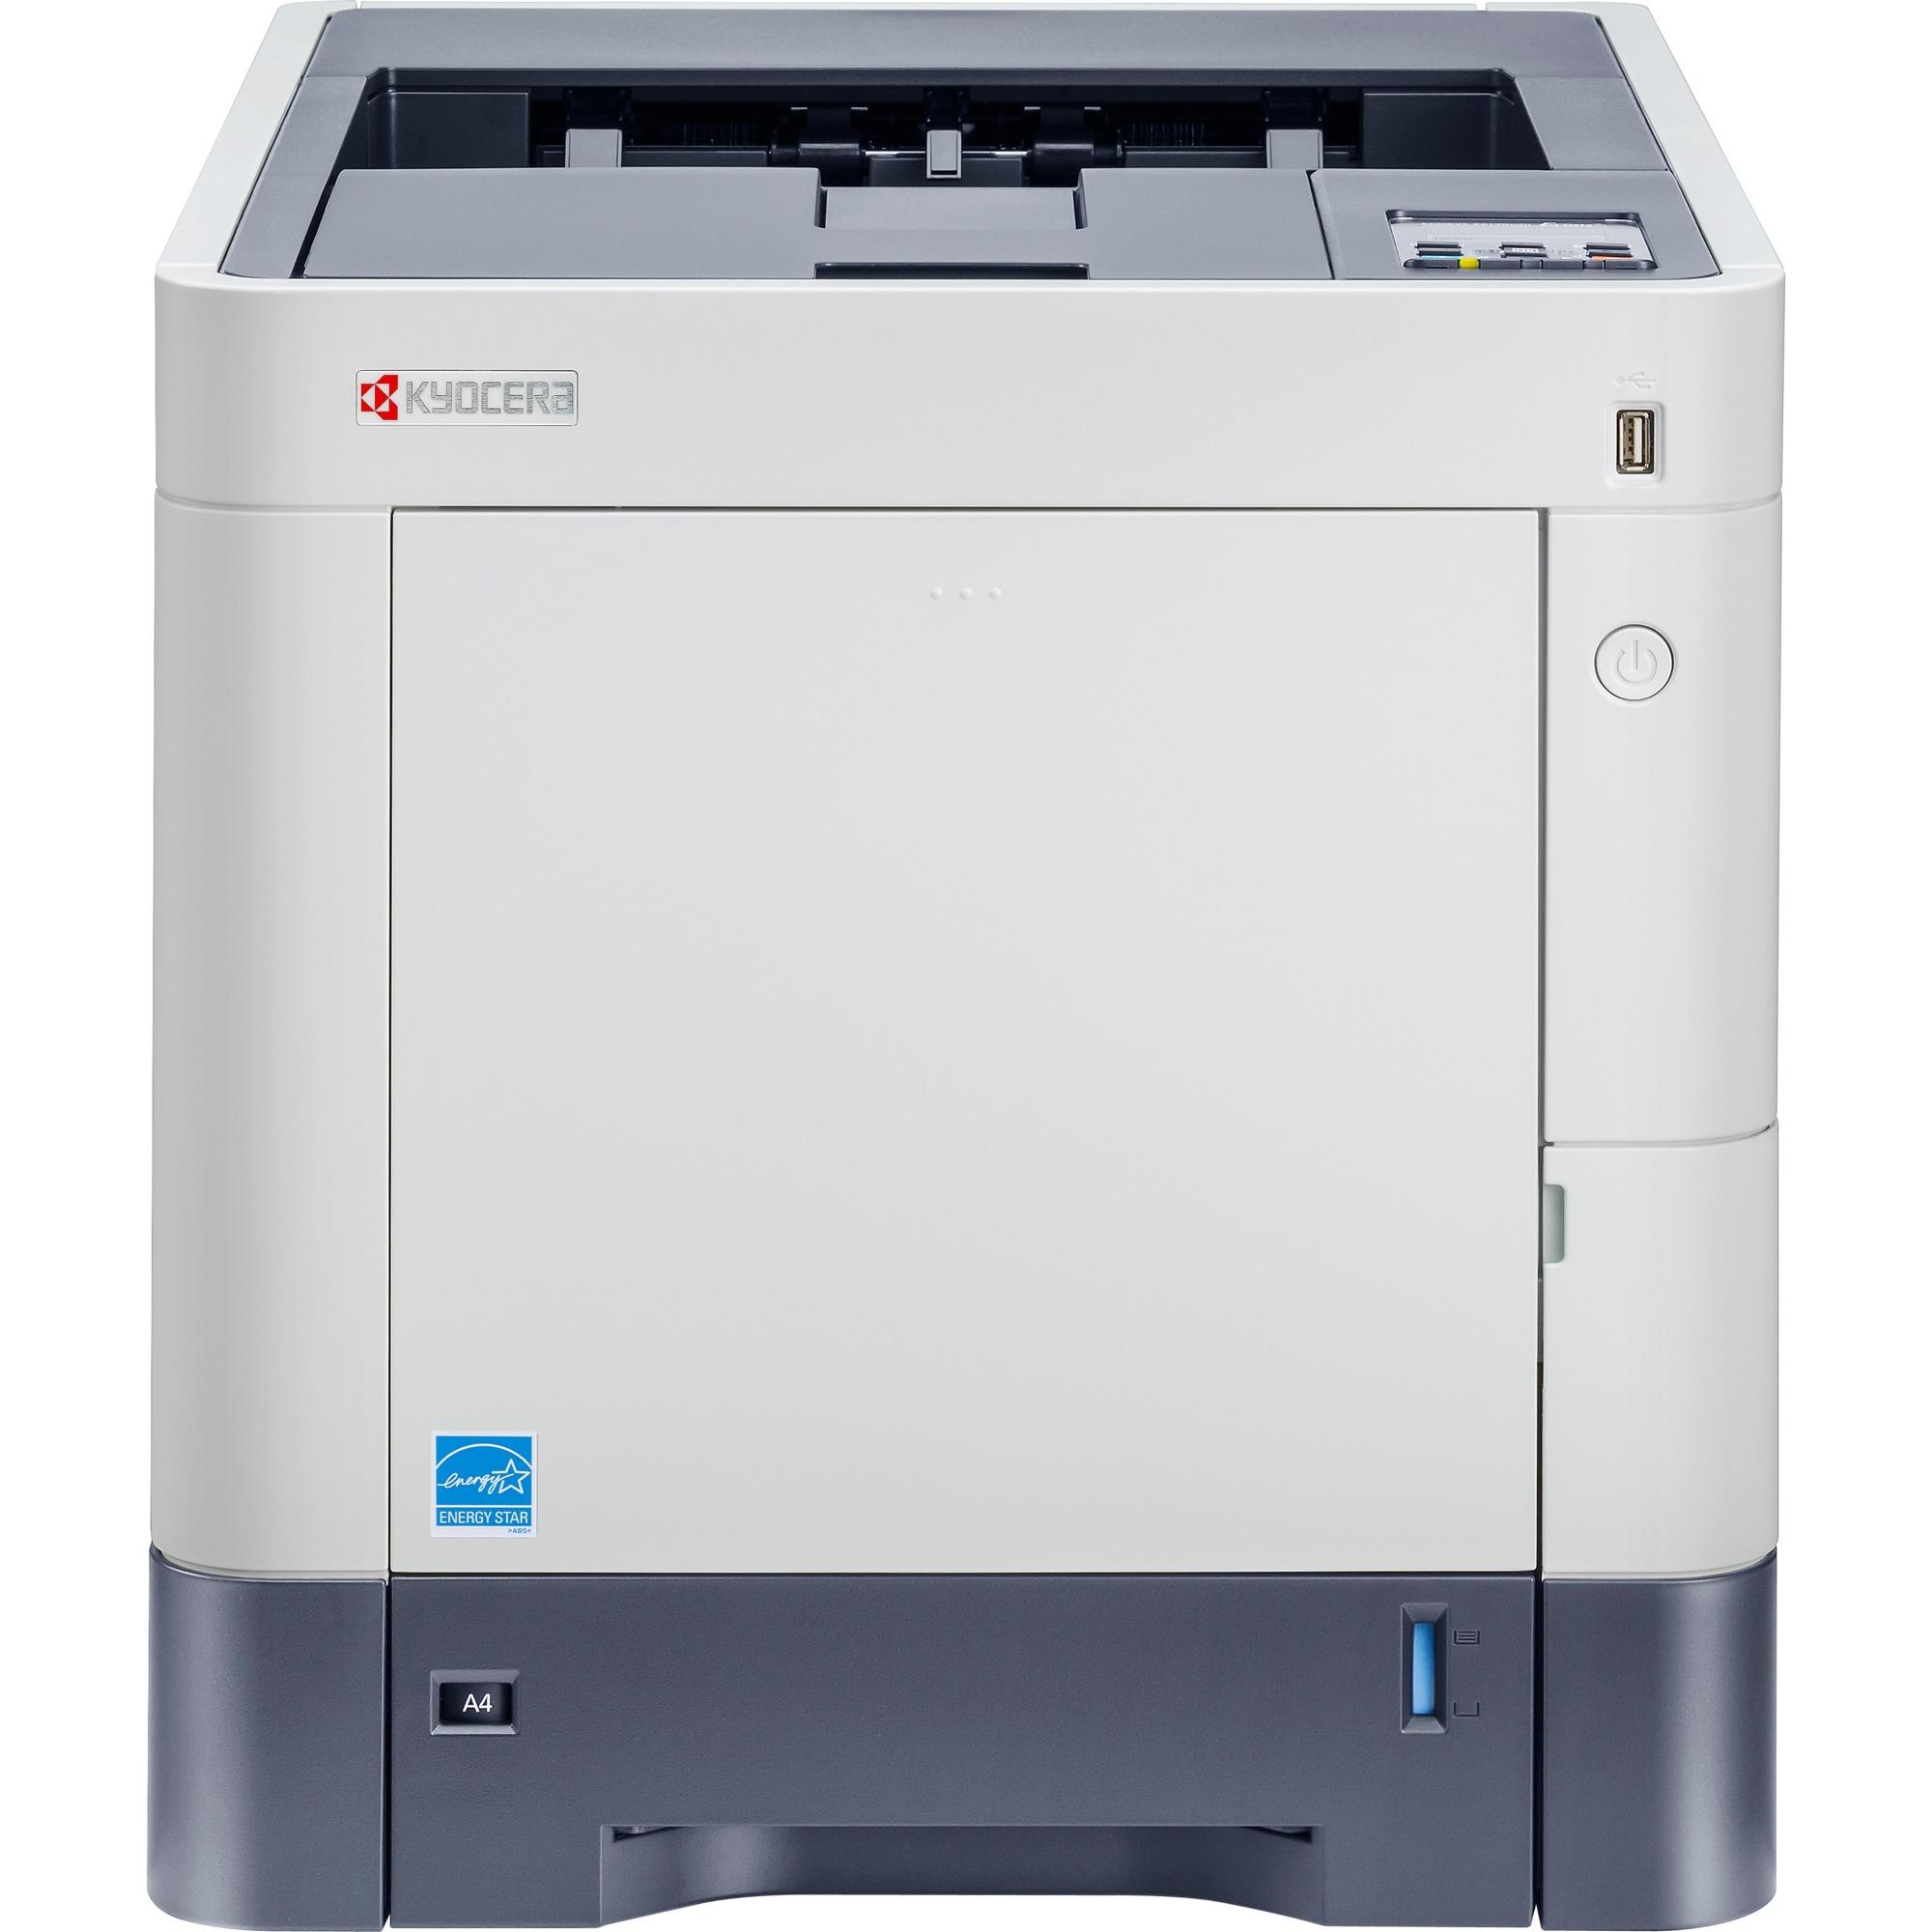 P6130cdn Couleur 9600 x 600DPI A4, Imprimante laser couleur